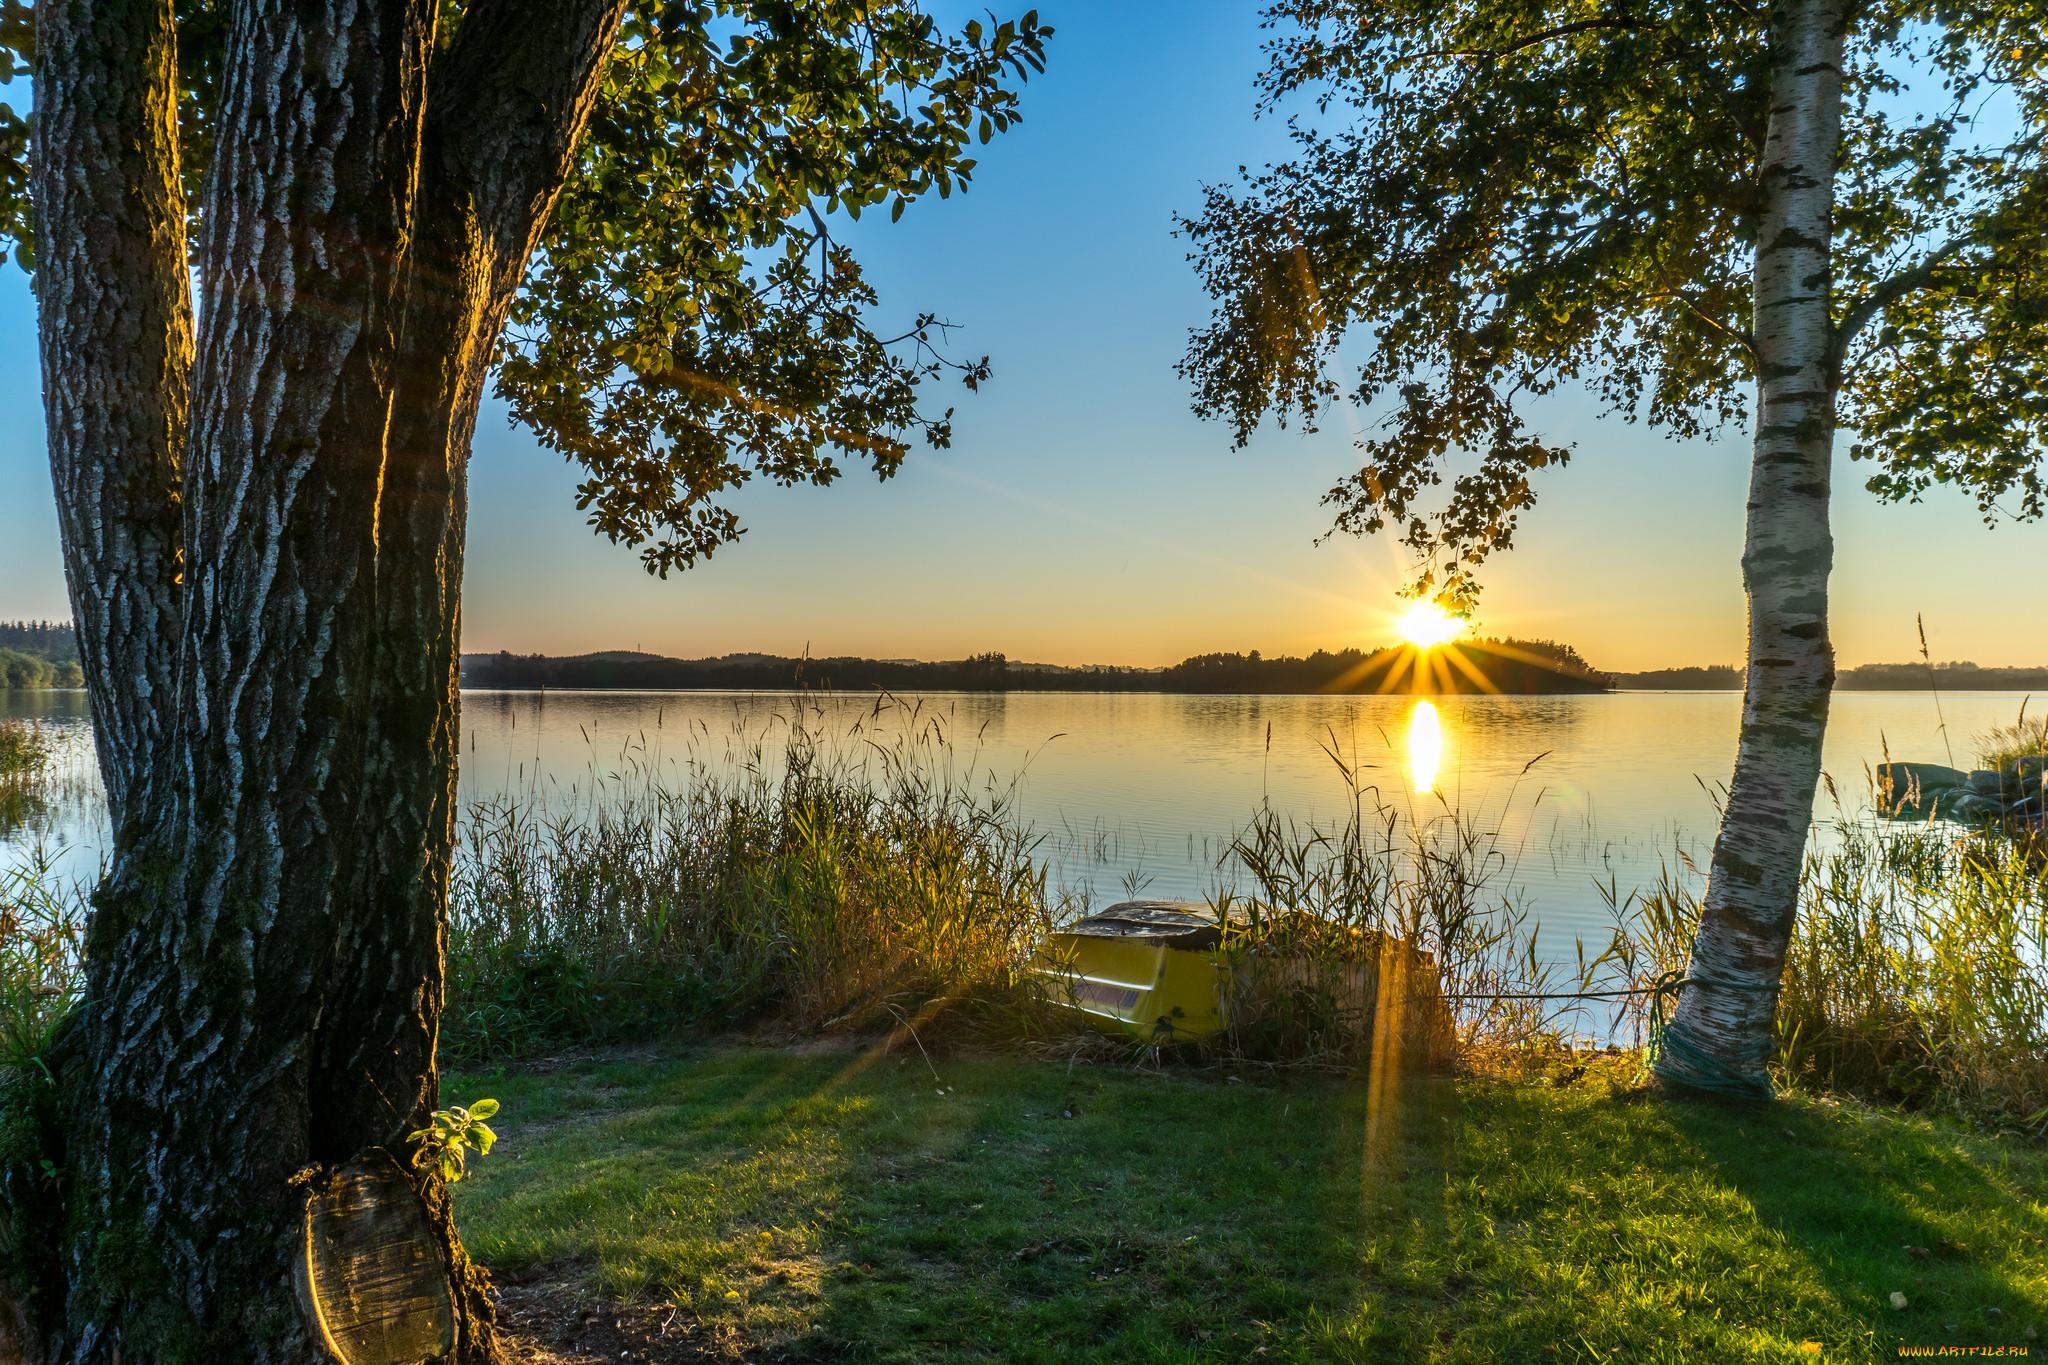 с добрым утром красивые картинки с природой фото том